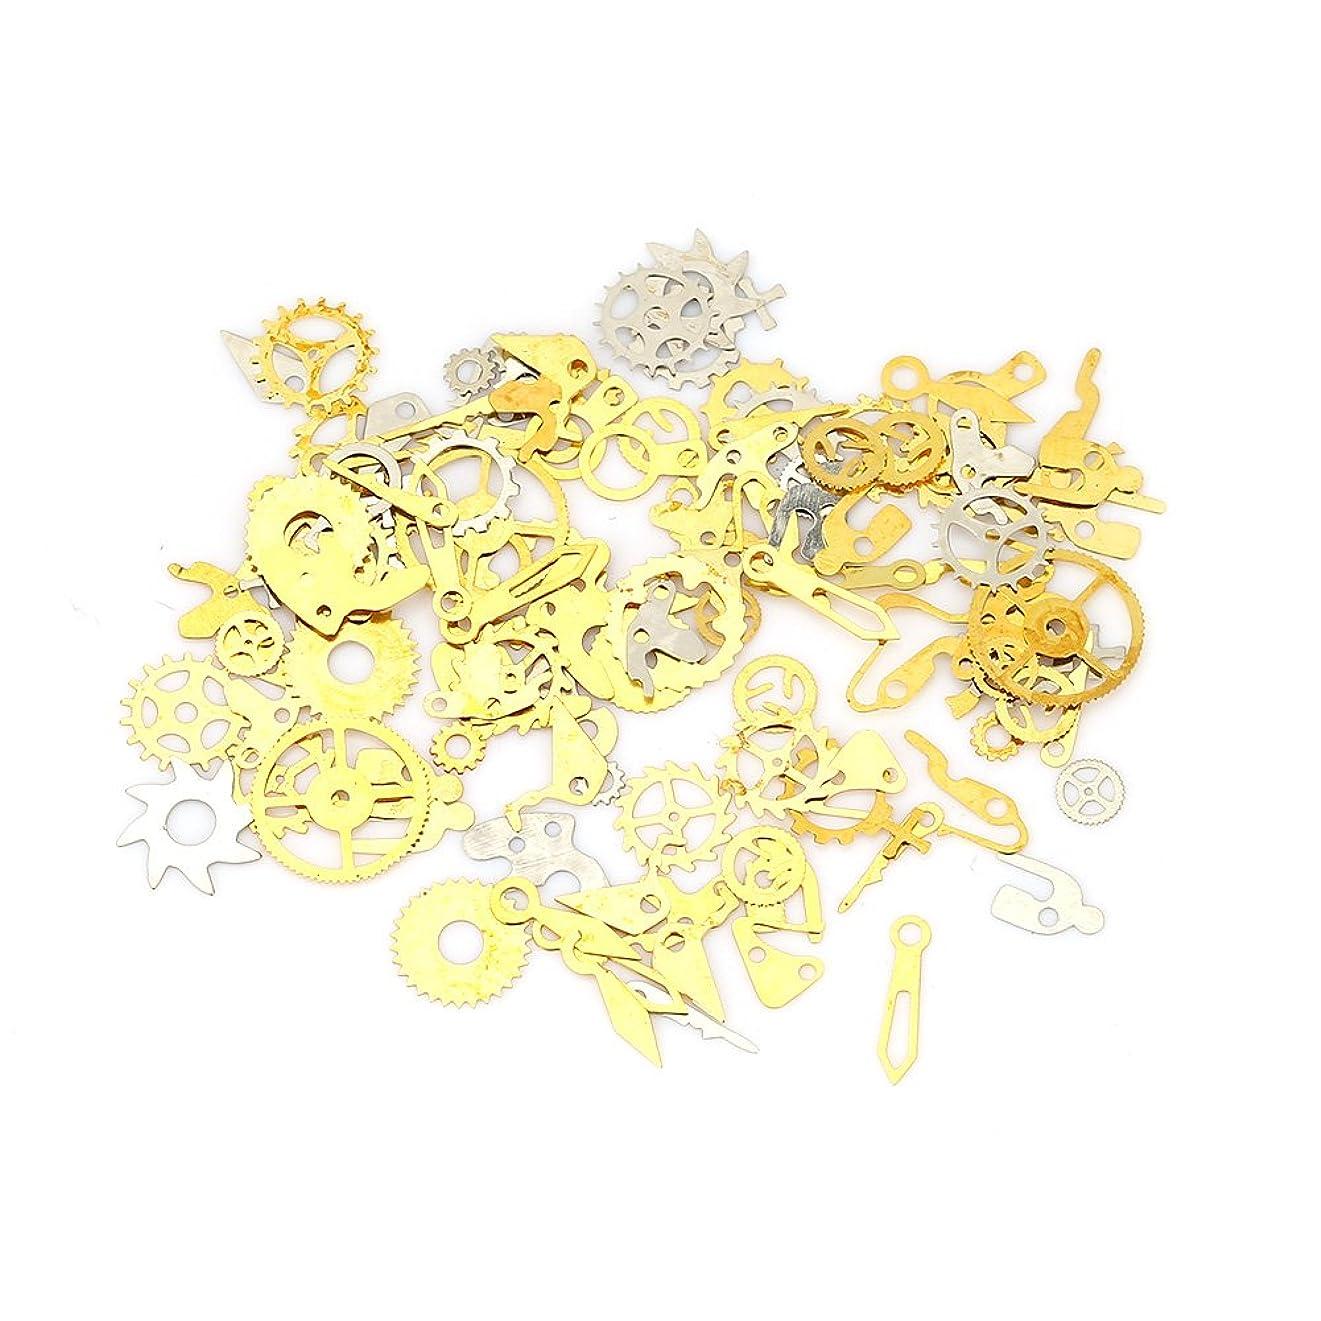 ネイルチップ - Dewin つけ爪 キラキラ スチームパンク ギア デコレーション メタルシェルパーツ 収納ケース付き (Color : Silver)